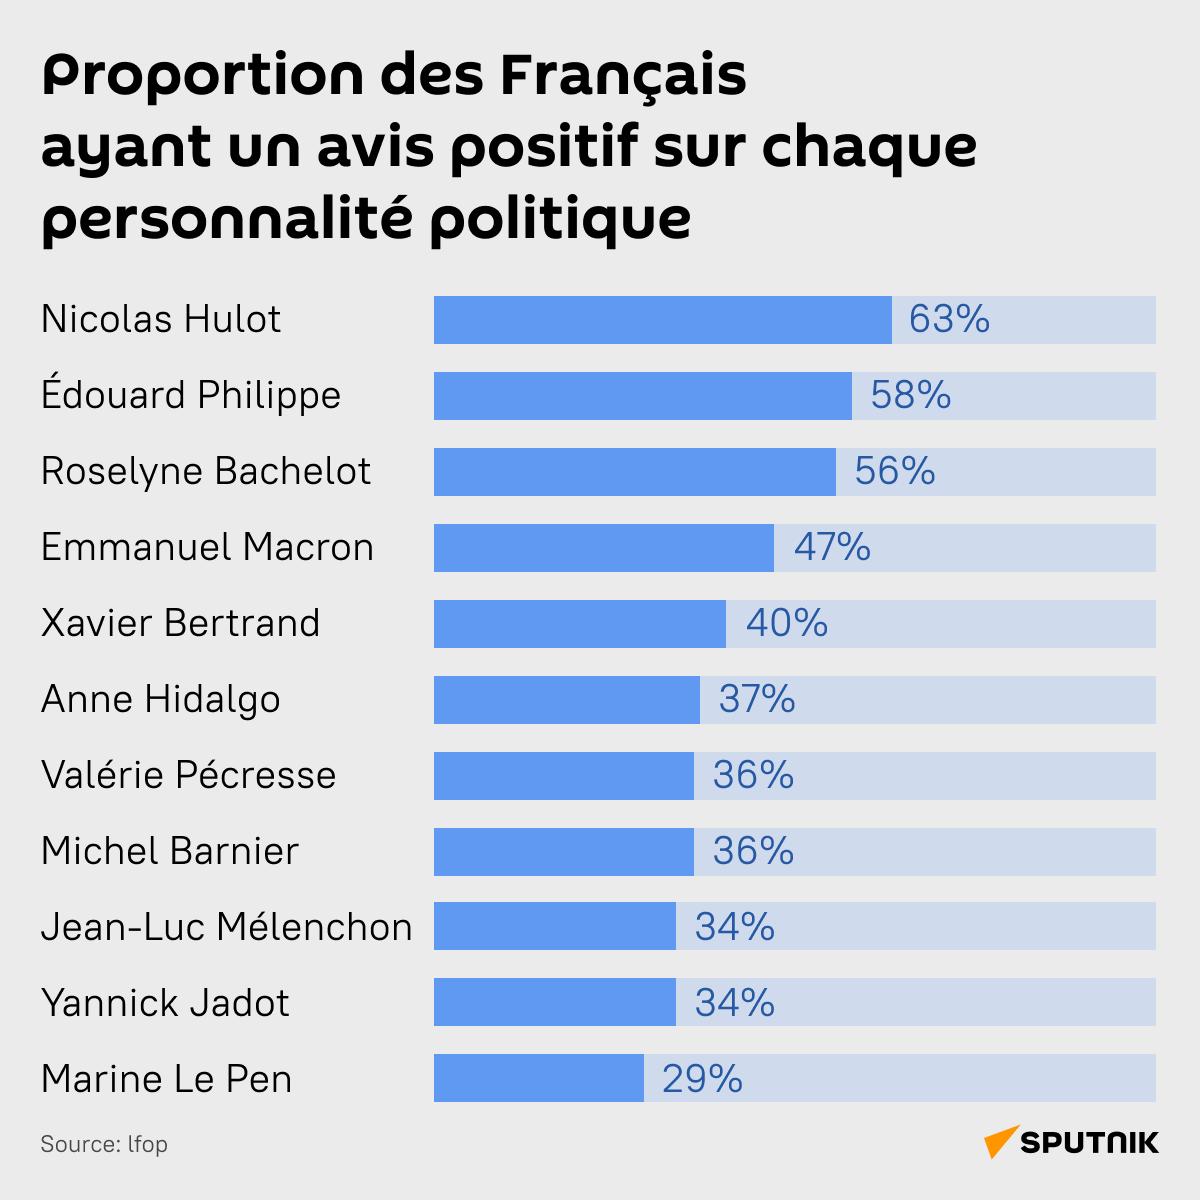 Proportion des Français ayant un avis positif sur chaque personnalité politique - Sputnik France